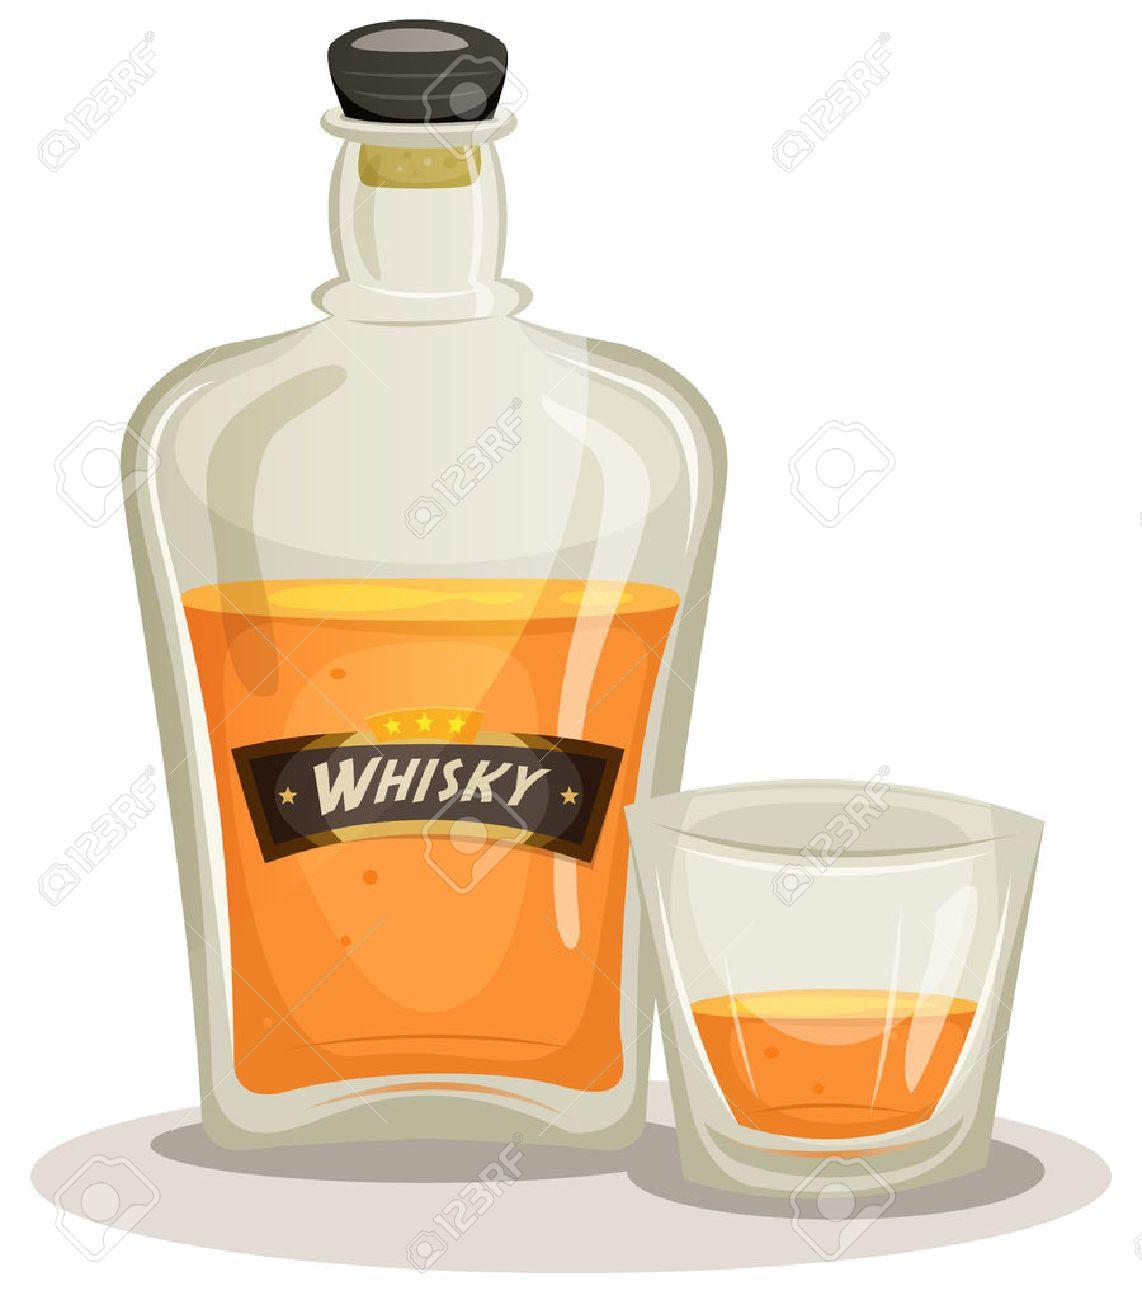 ウイスキー イラスト